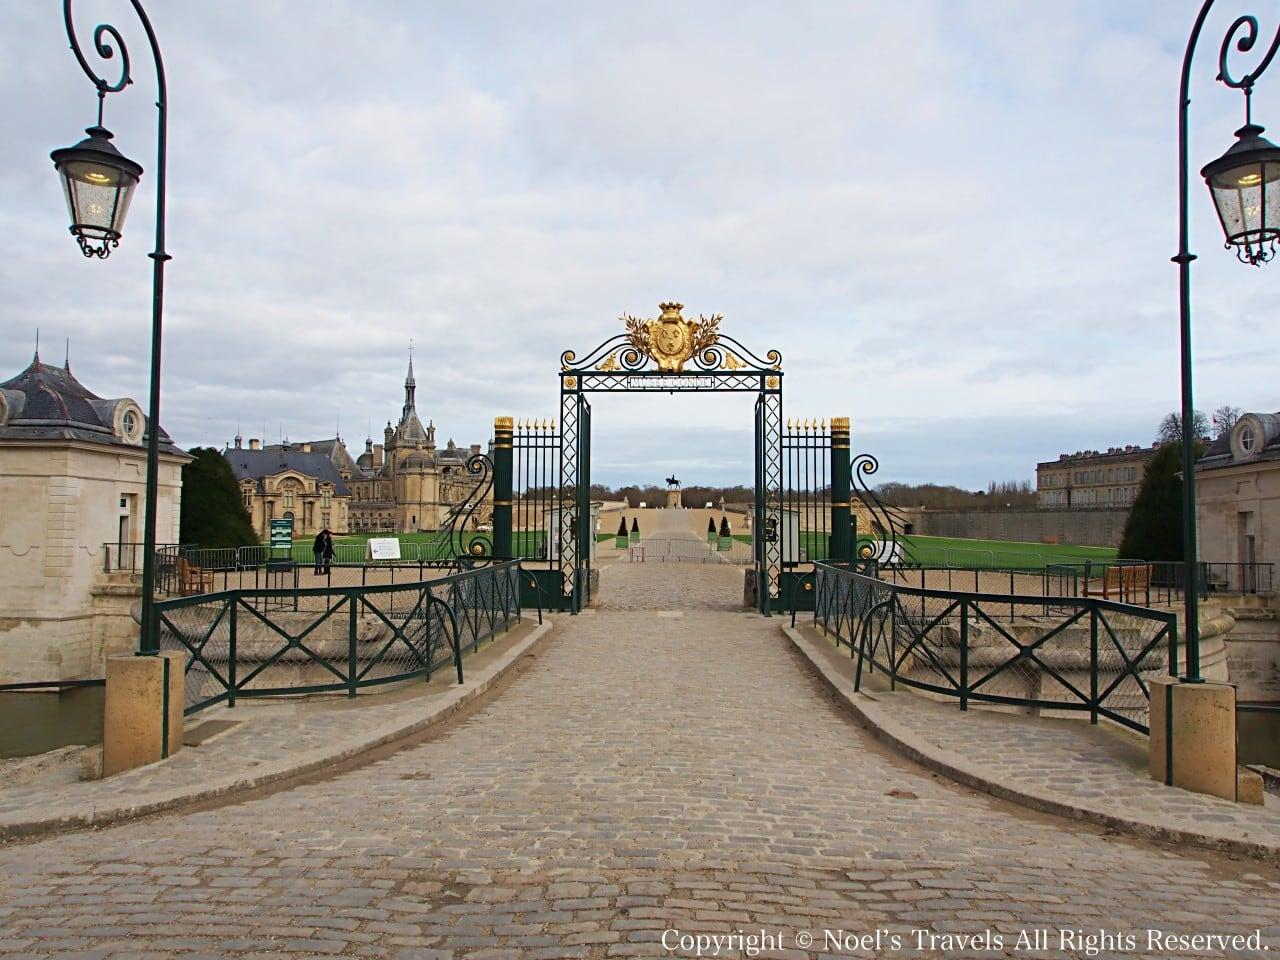 シャンティイ城の正門とチケット売り場